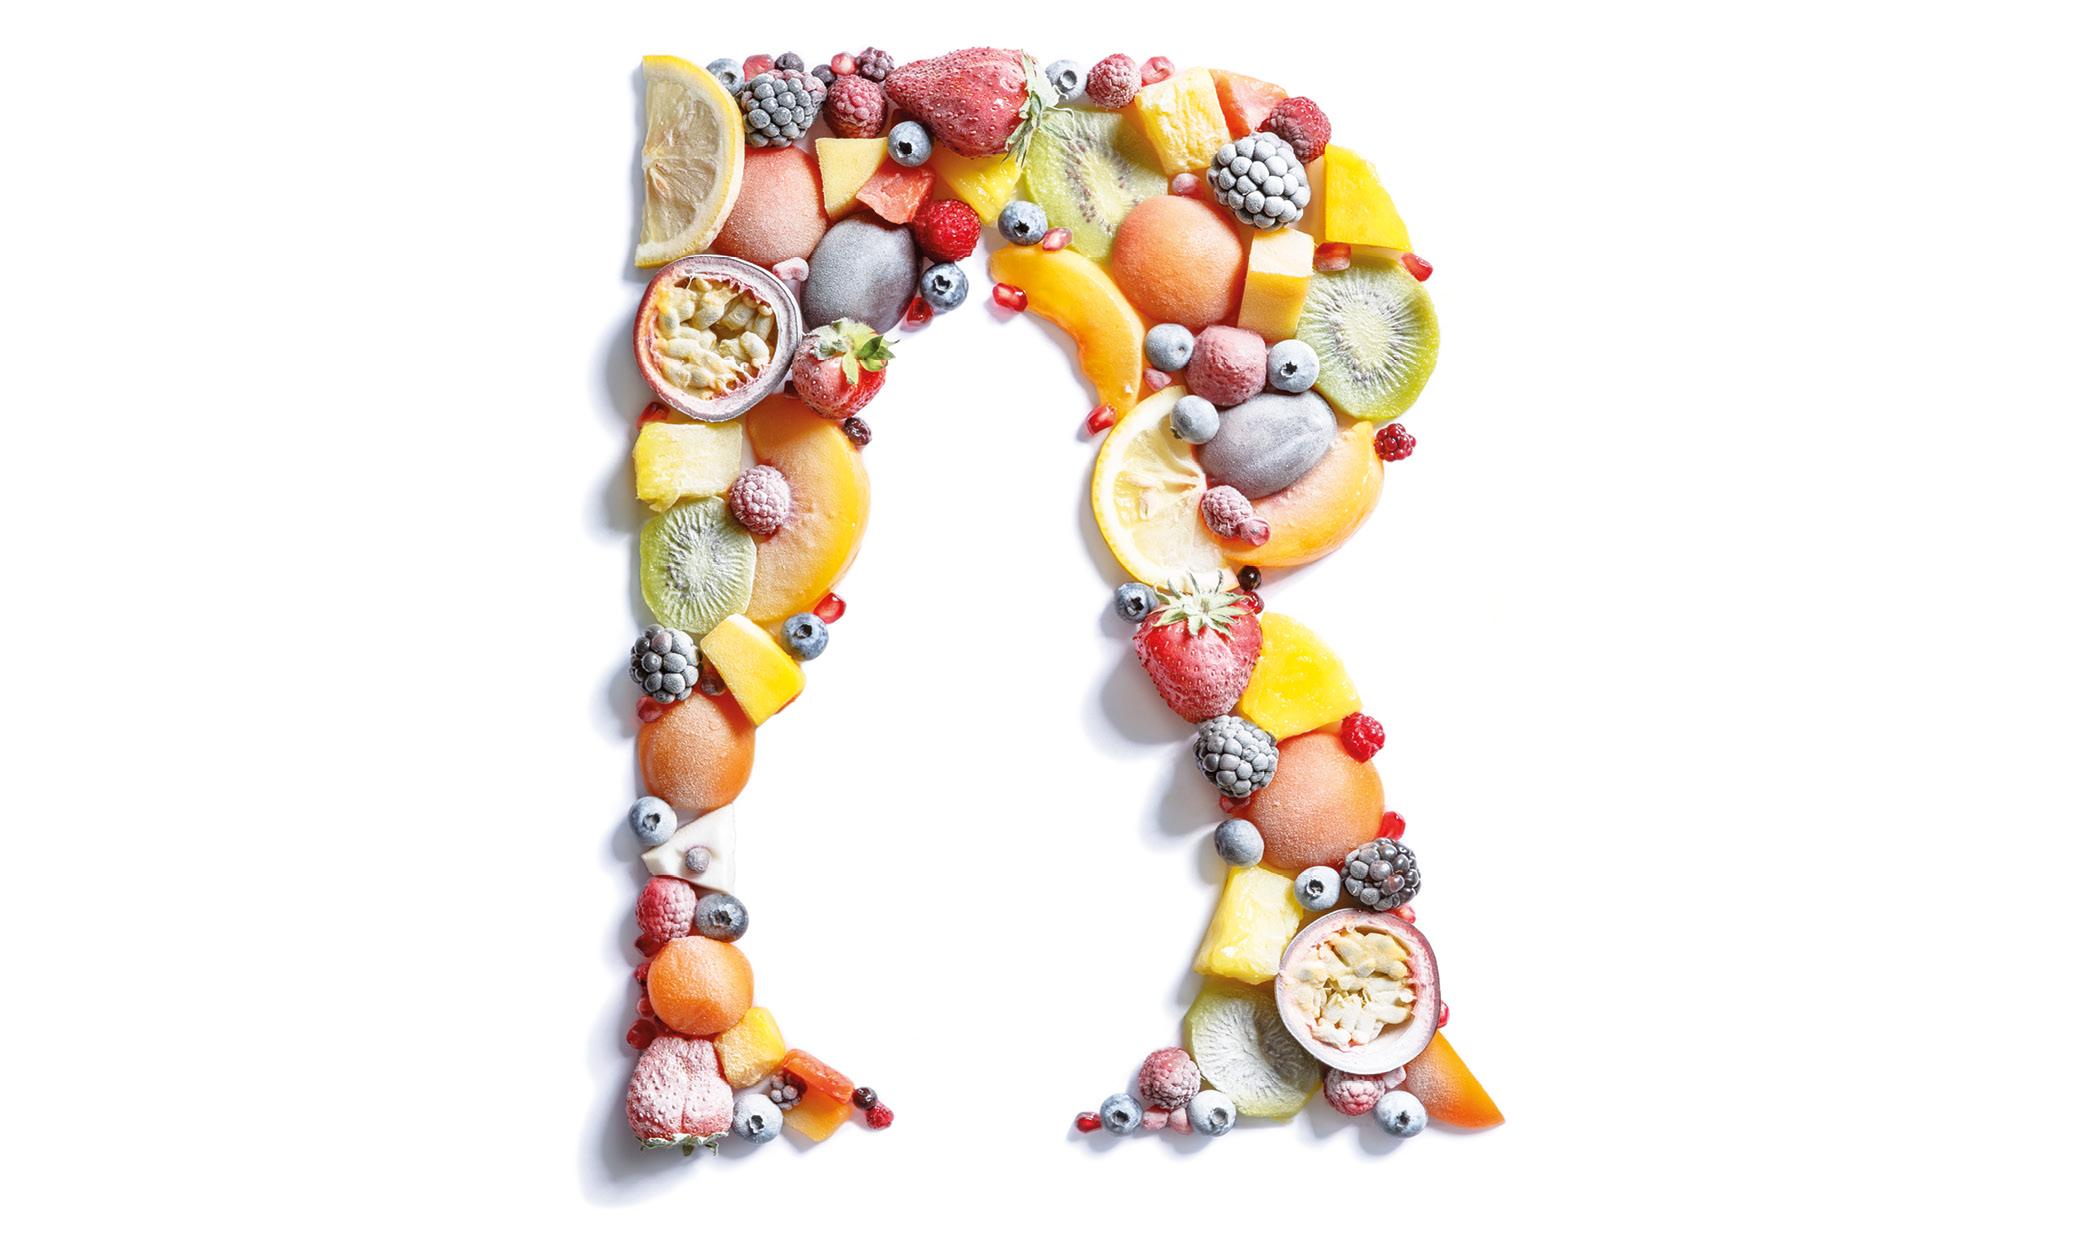 La nostra passione per la frutta